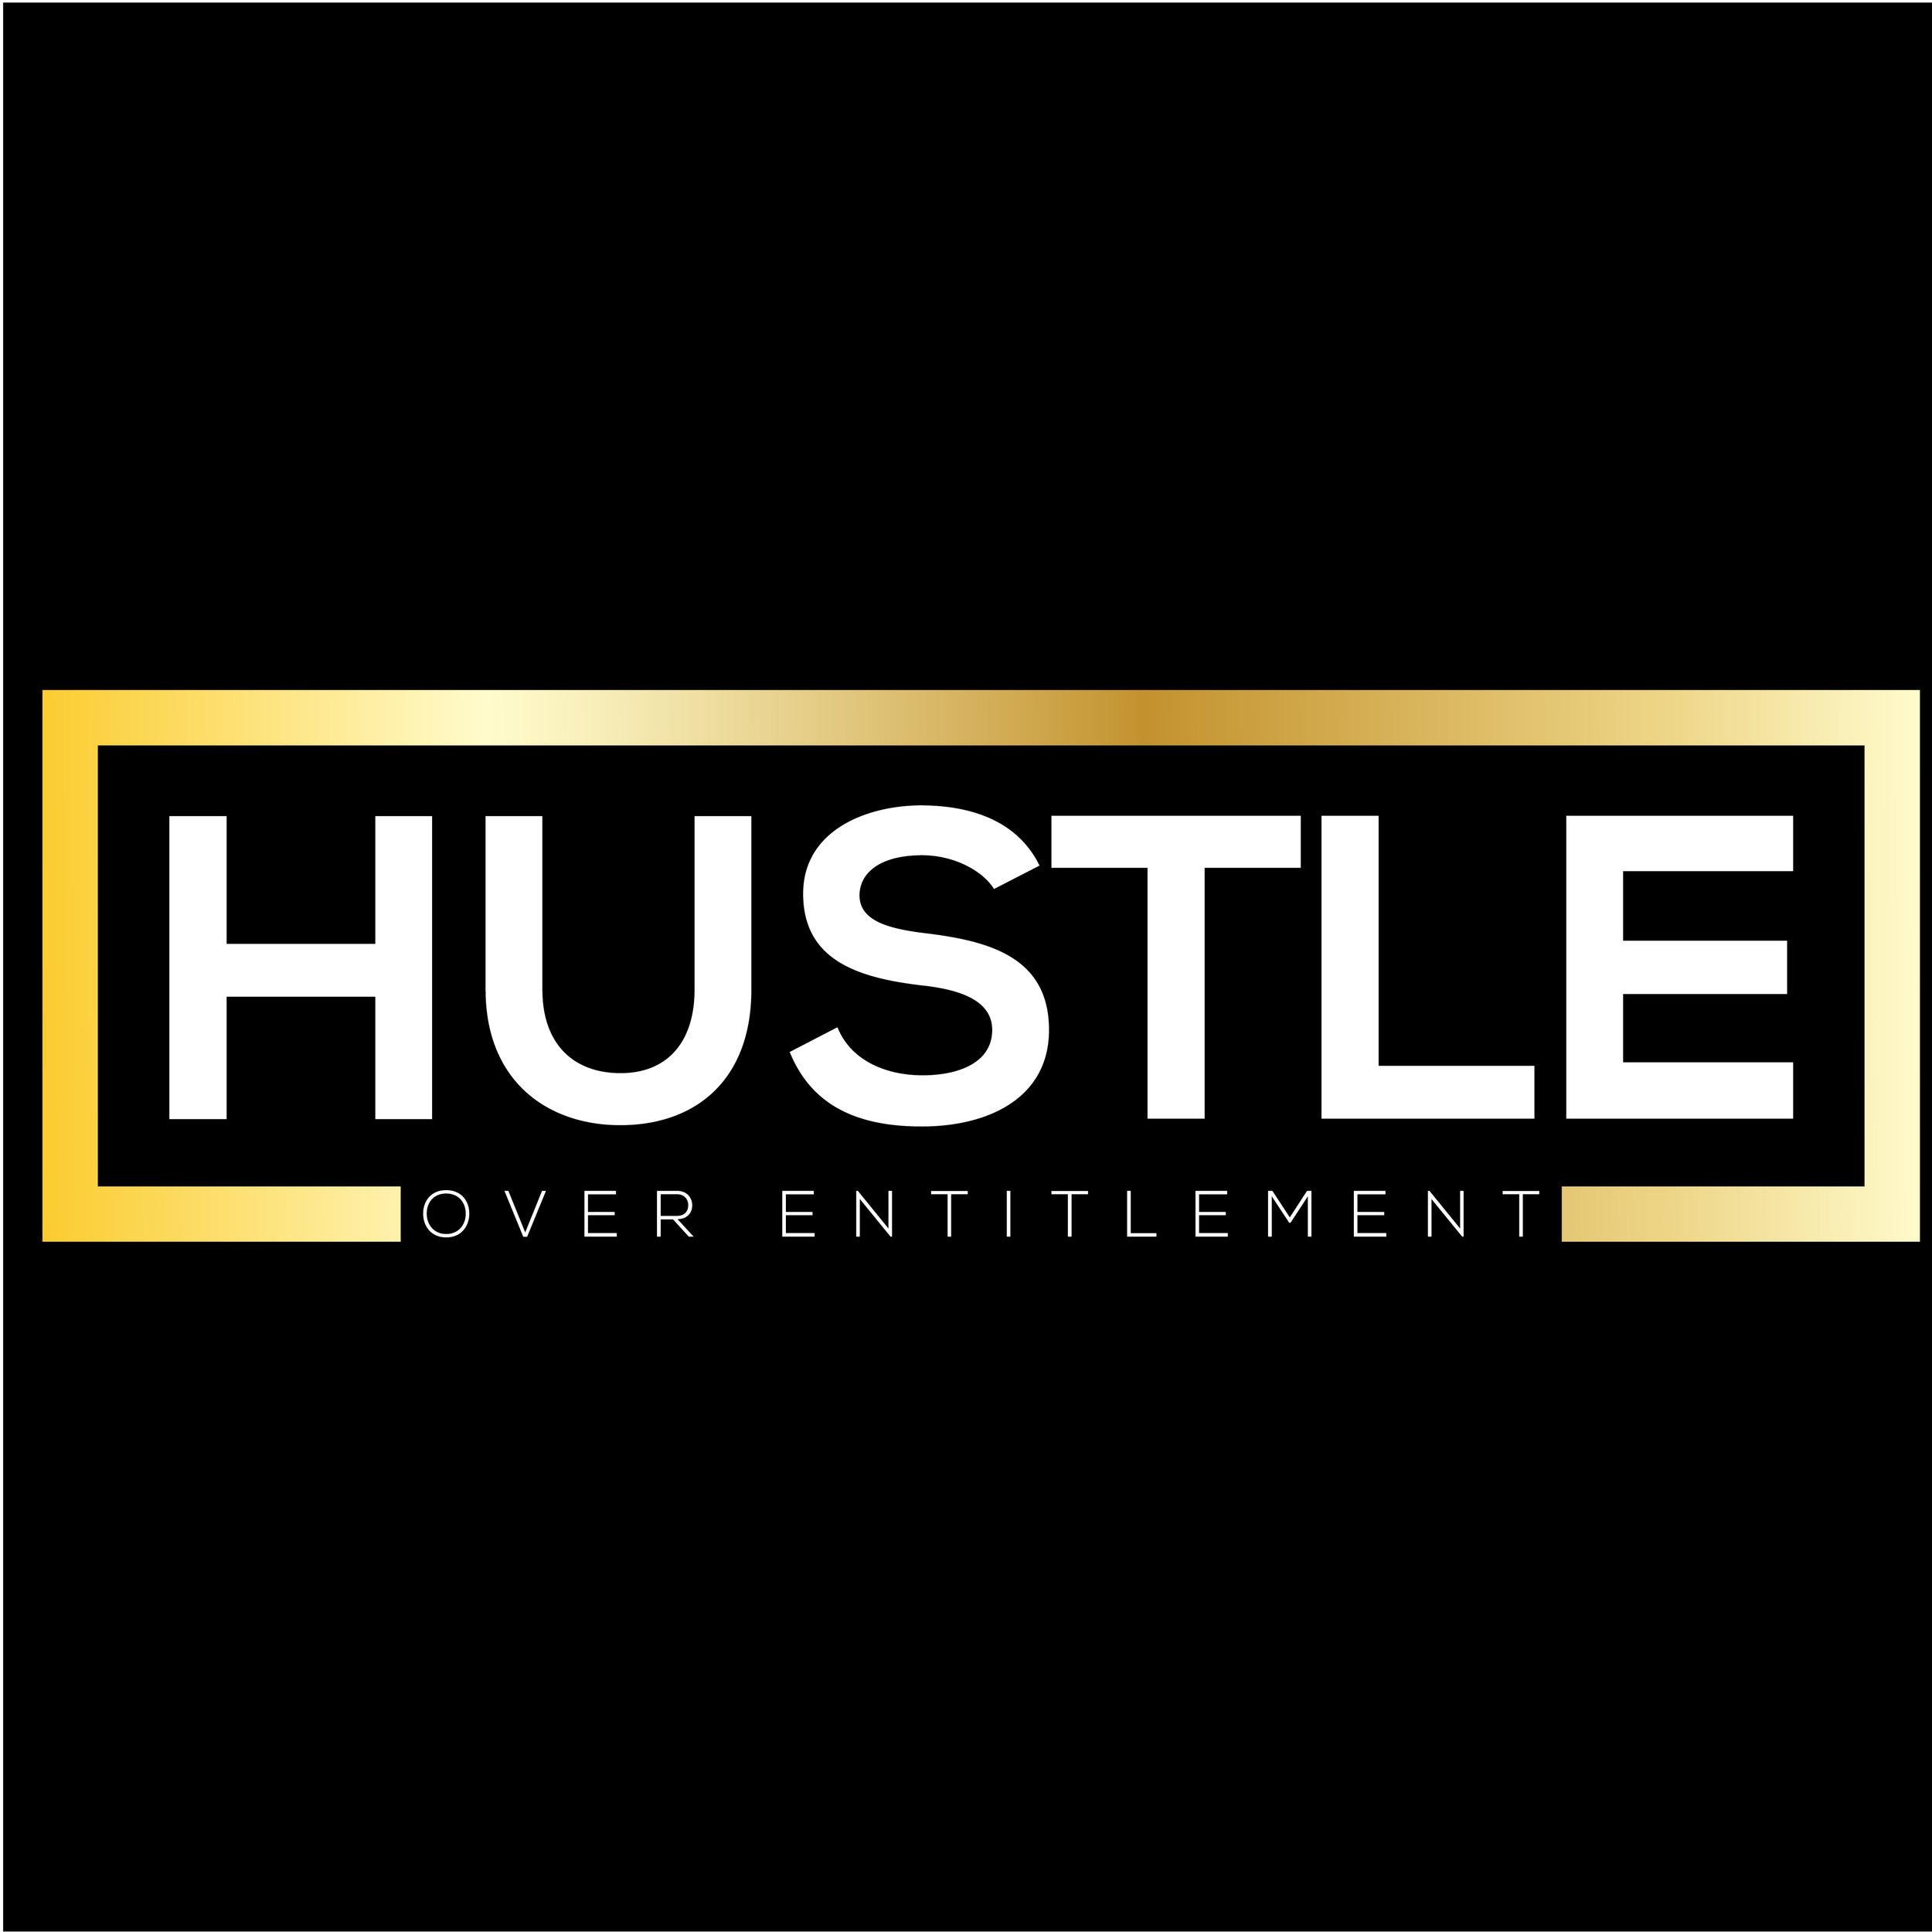 HUSTLE over Entitlement-01.jpg